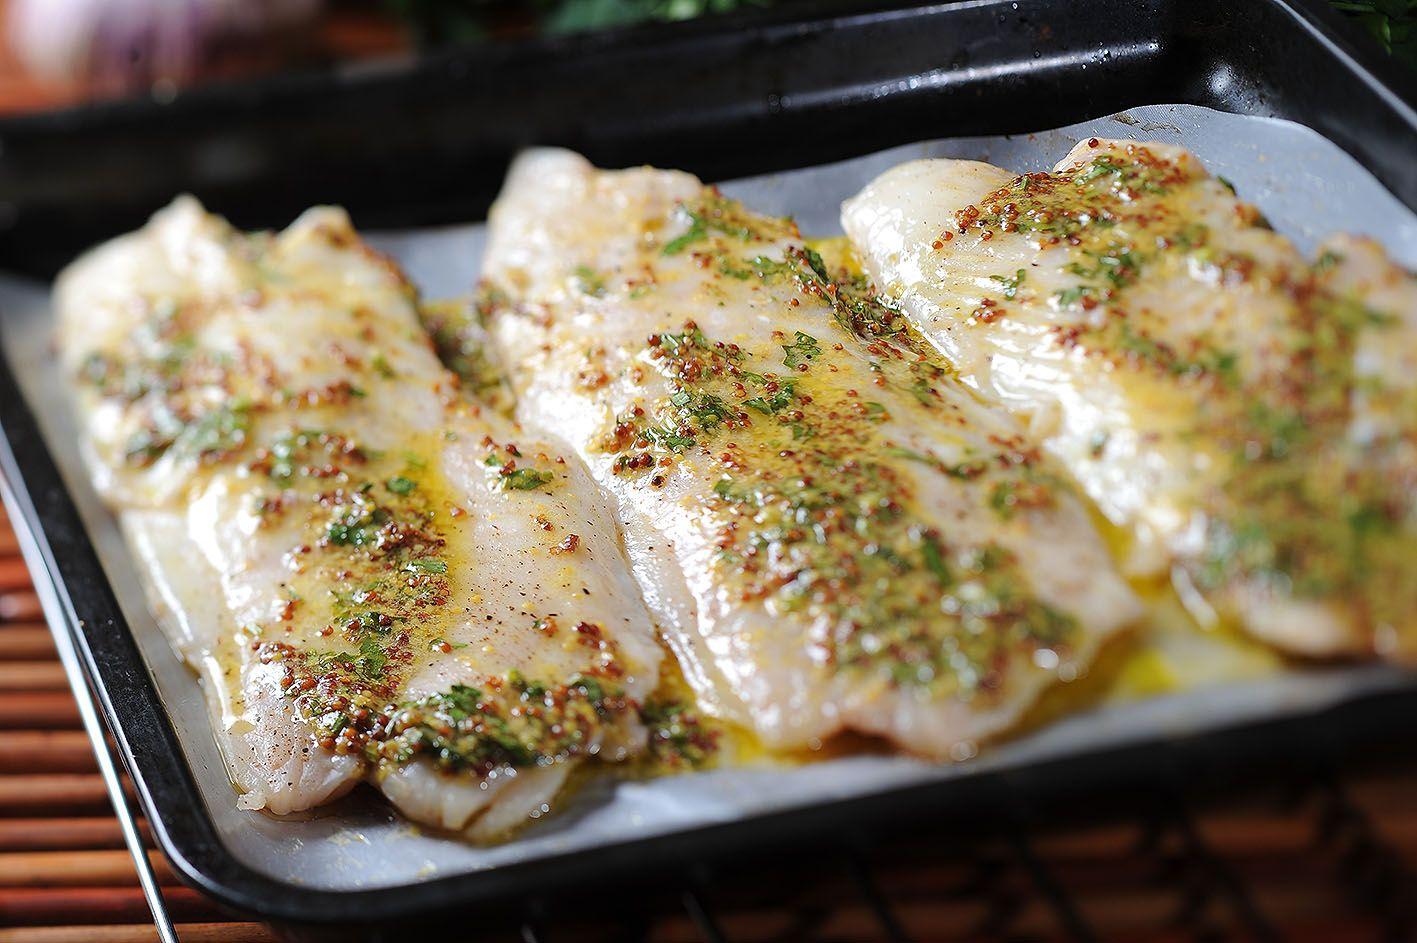 Receta De Pescado A La Mostaza Filete De Pescado Al Horno Filetes De Pescado Filete De Pescado Recetas